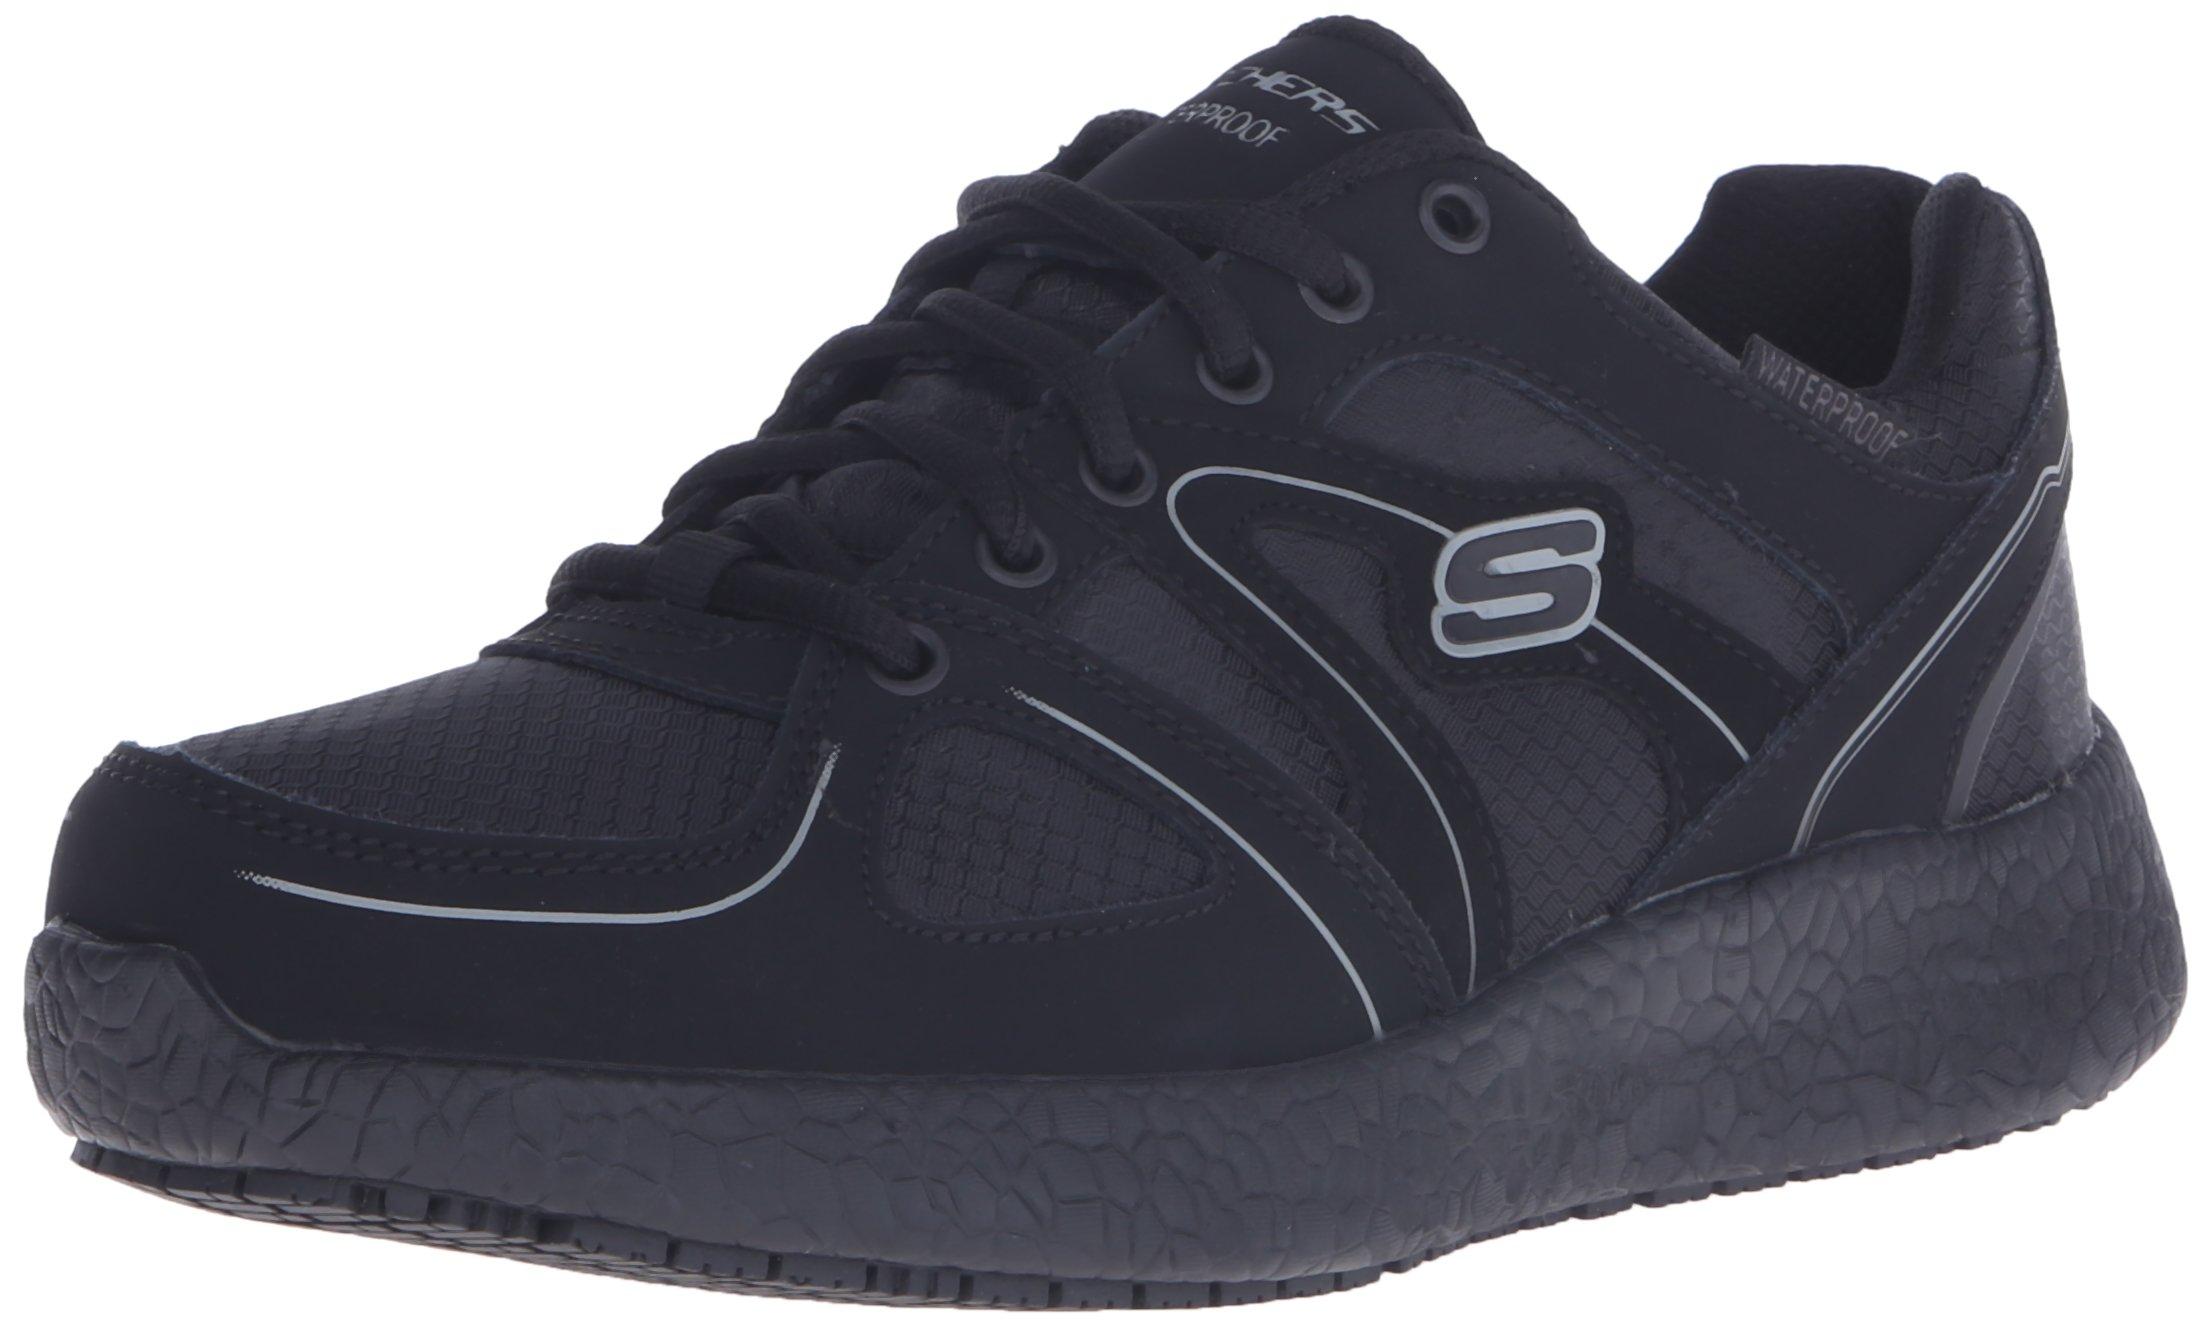 Skechers Work Women's Burst SR Gwinner Wide Work Shoe,Black,8.5 W US